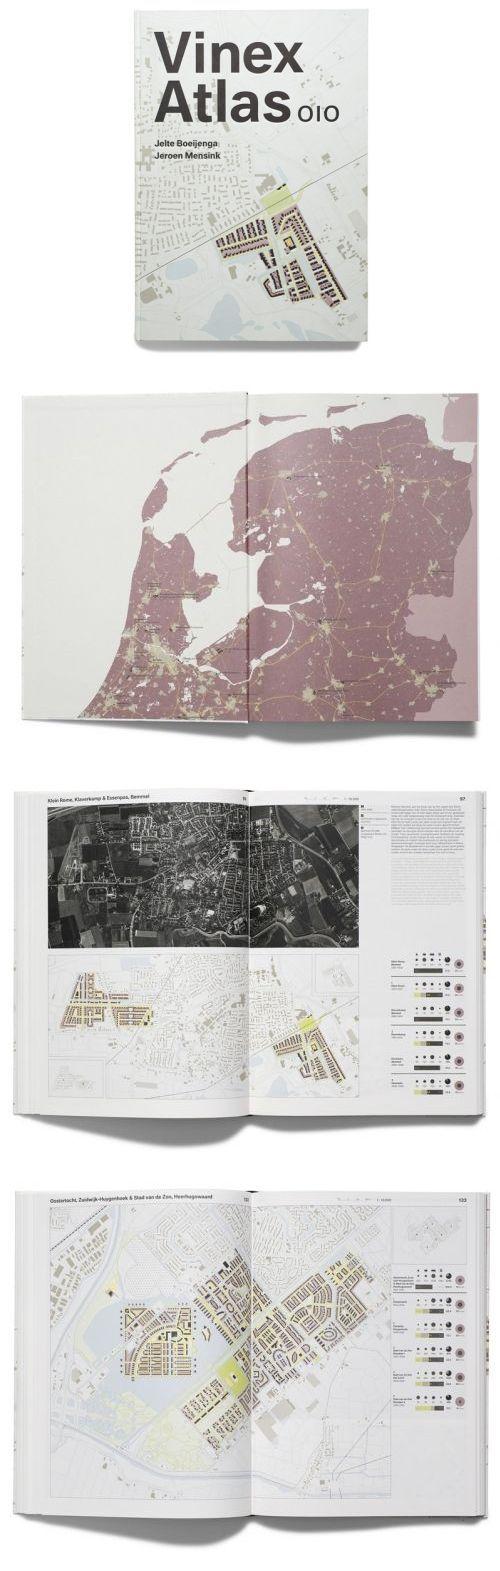 49 migliori immagini idee per portfolio e layout su pinterest - Lay outs idee ...